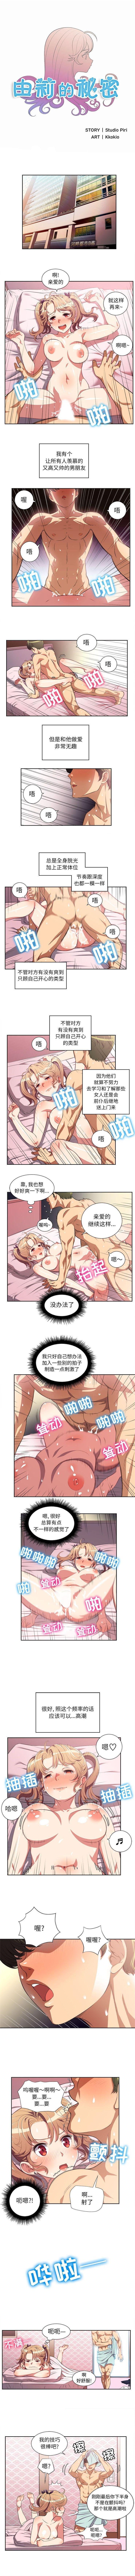 由莉的秘密1-60 中文翻译 (更新中) 188